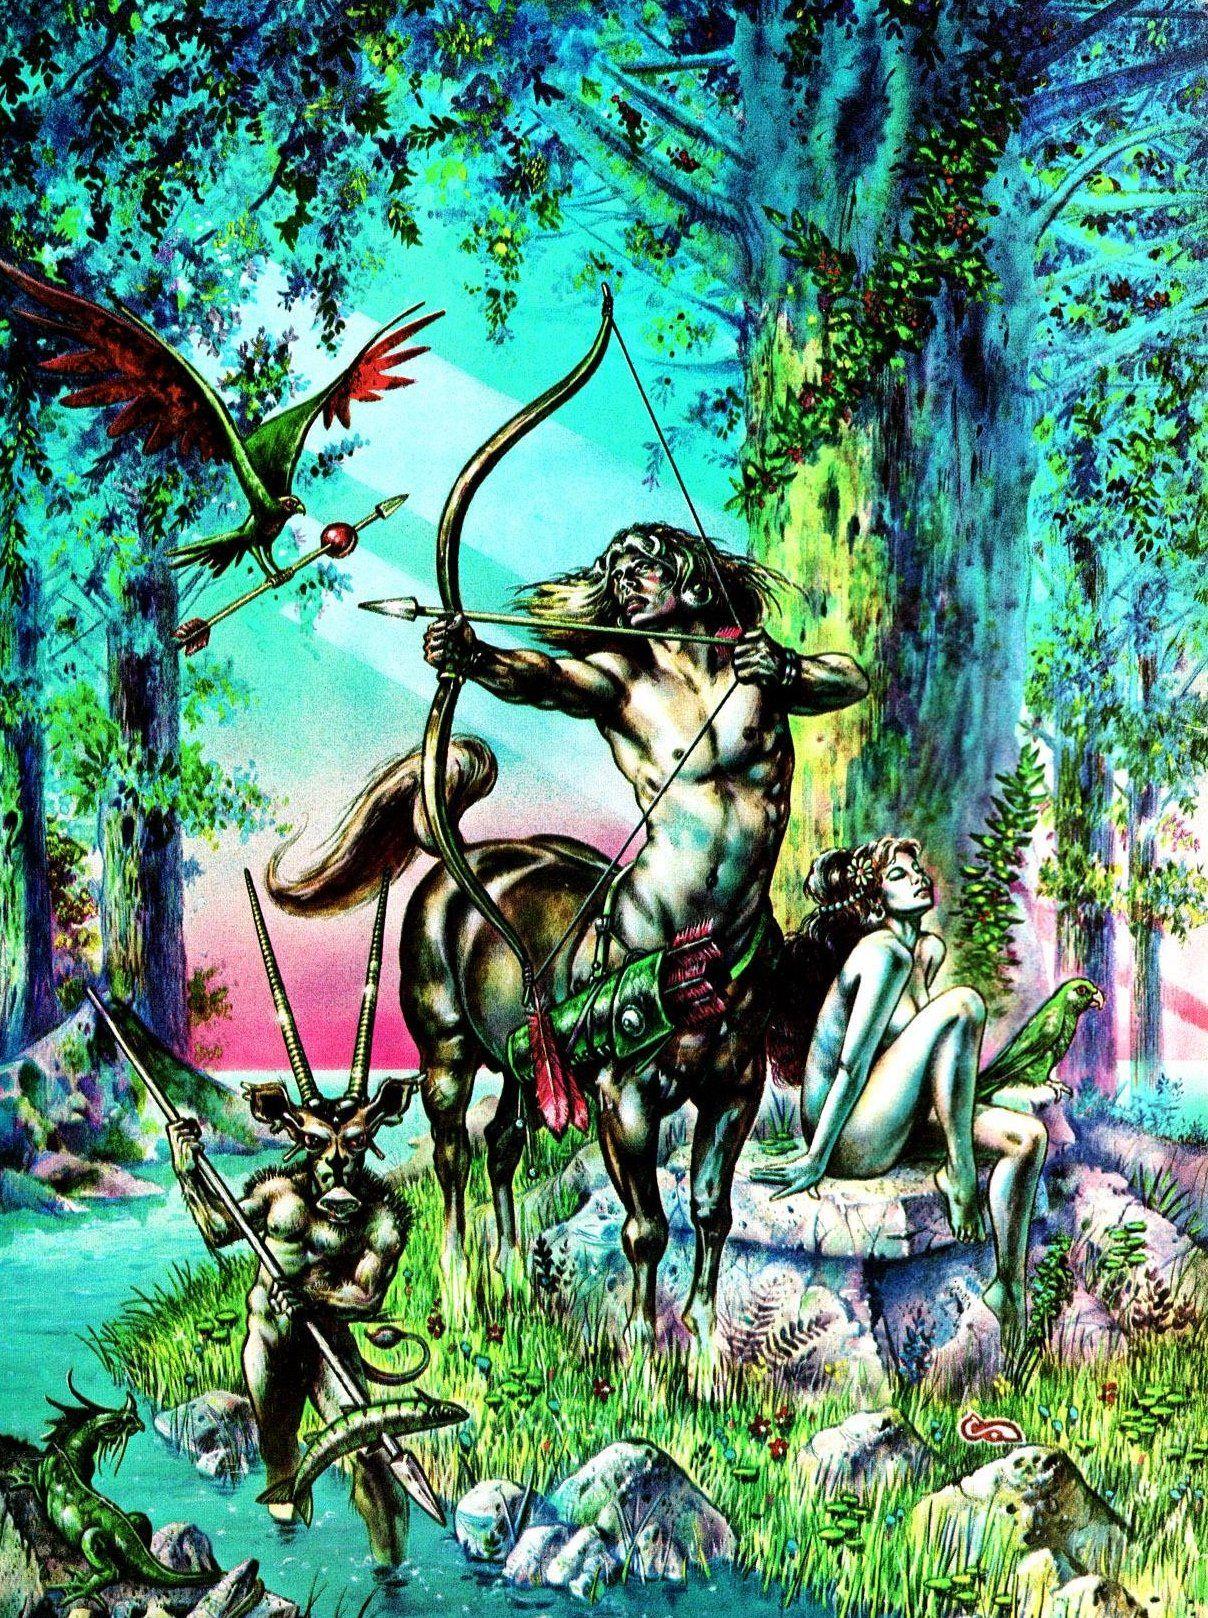 clyde caldwell Centaur's Idol Fantasy art, Science